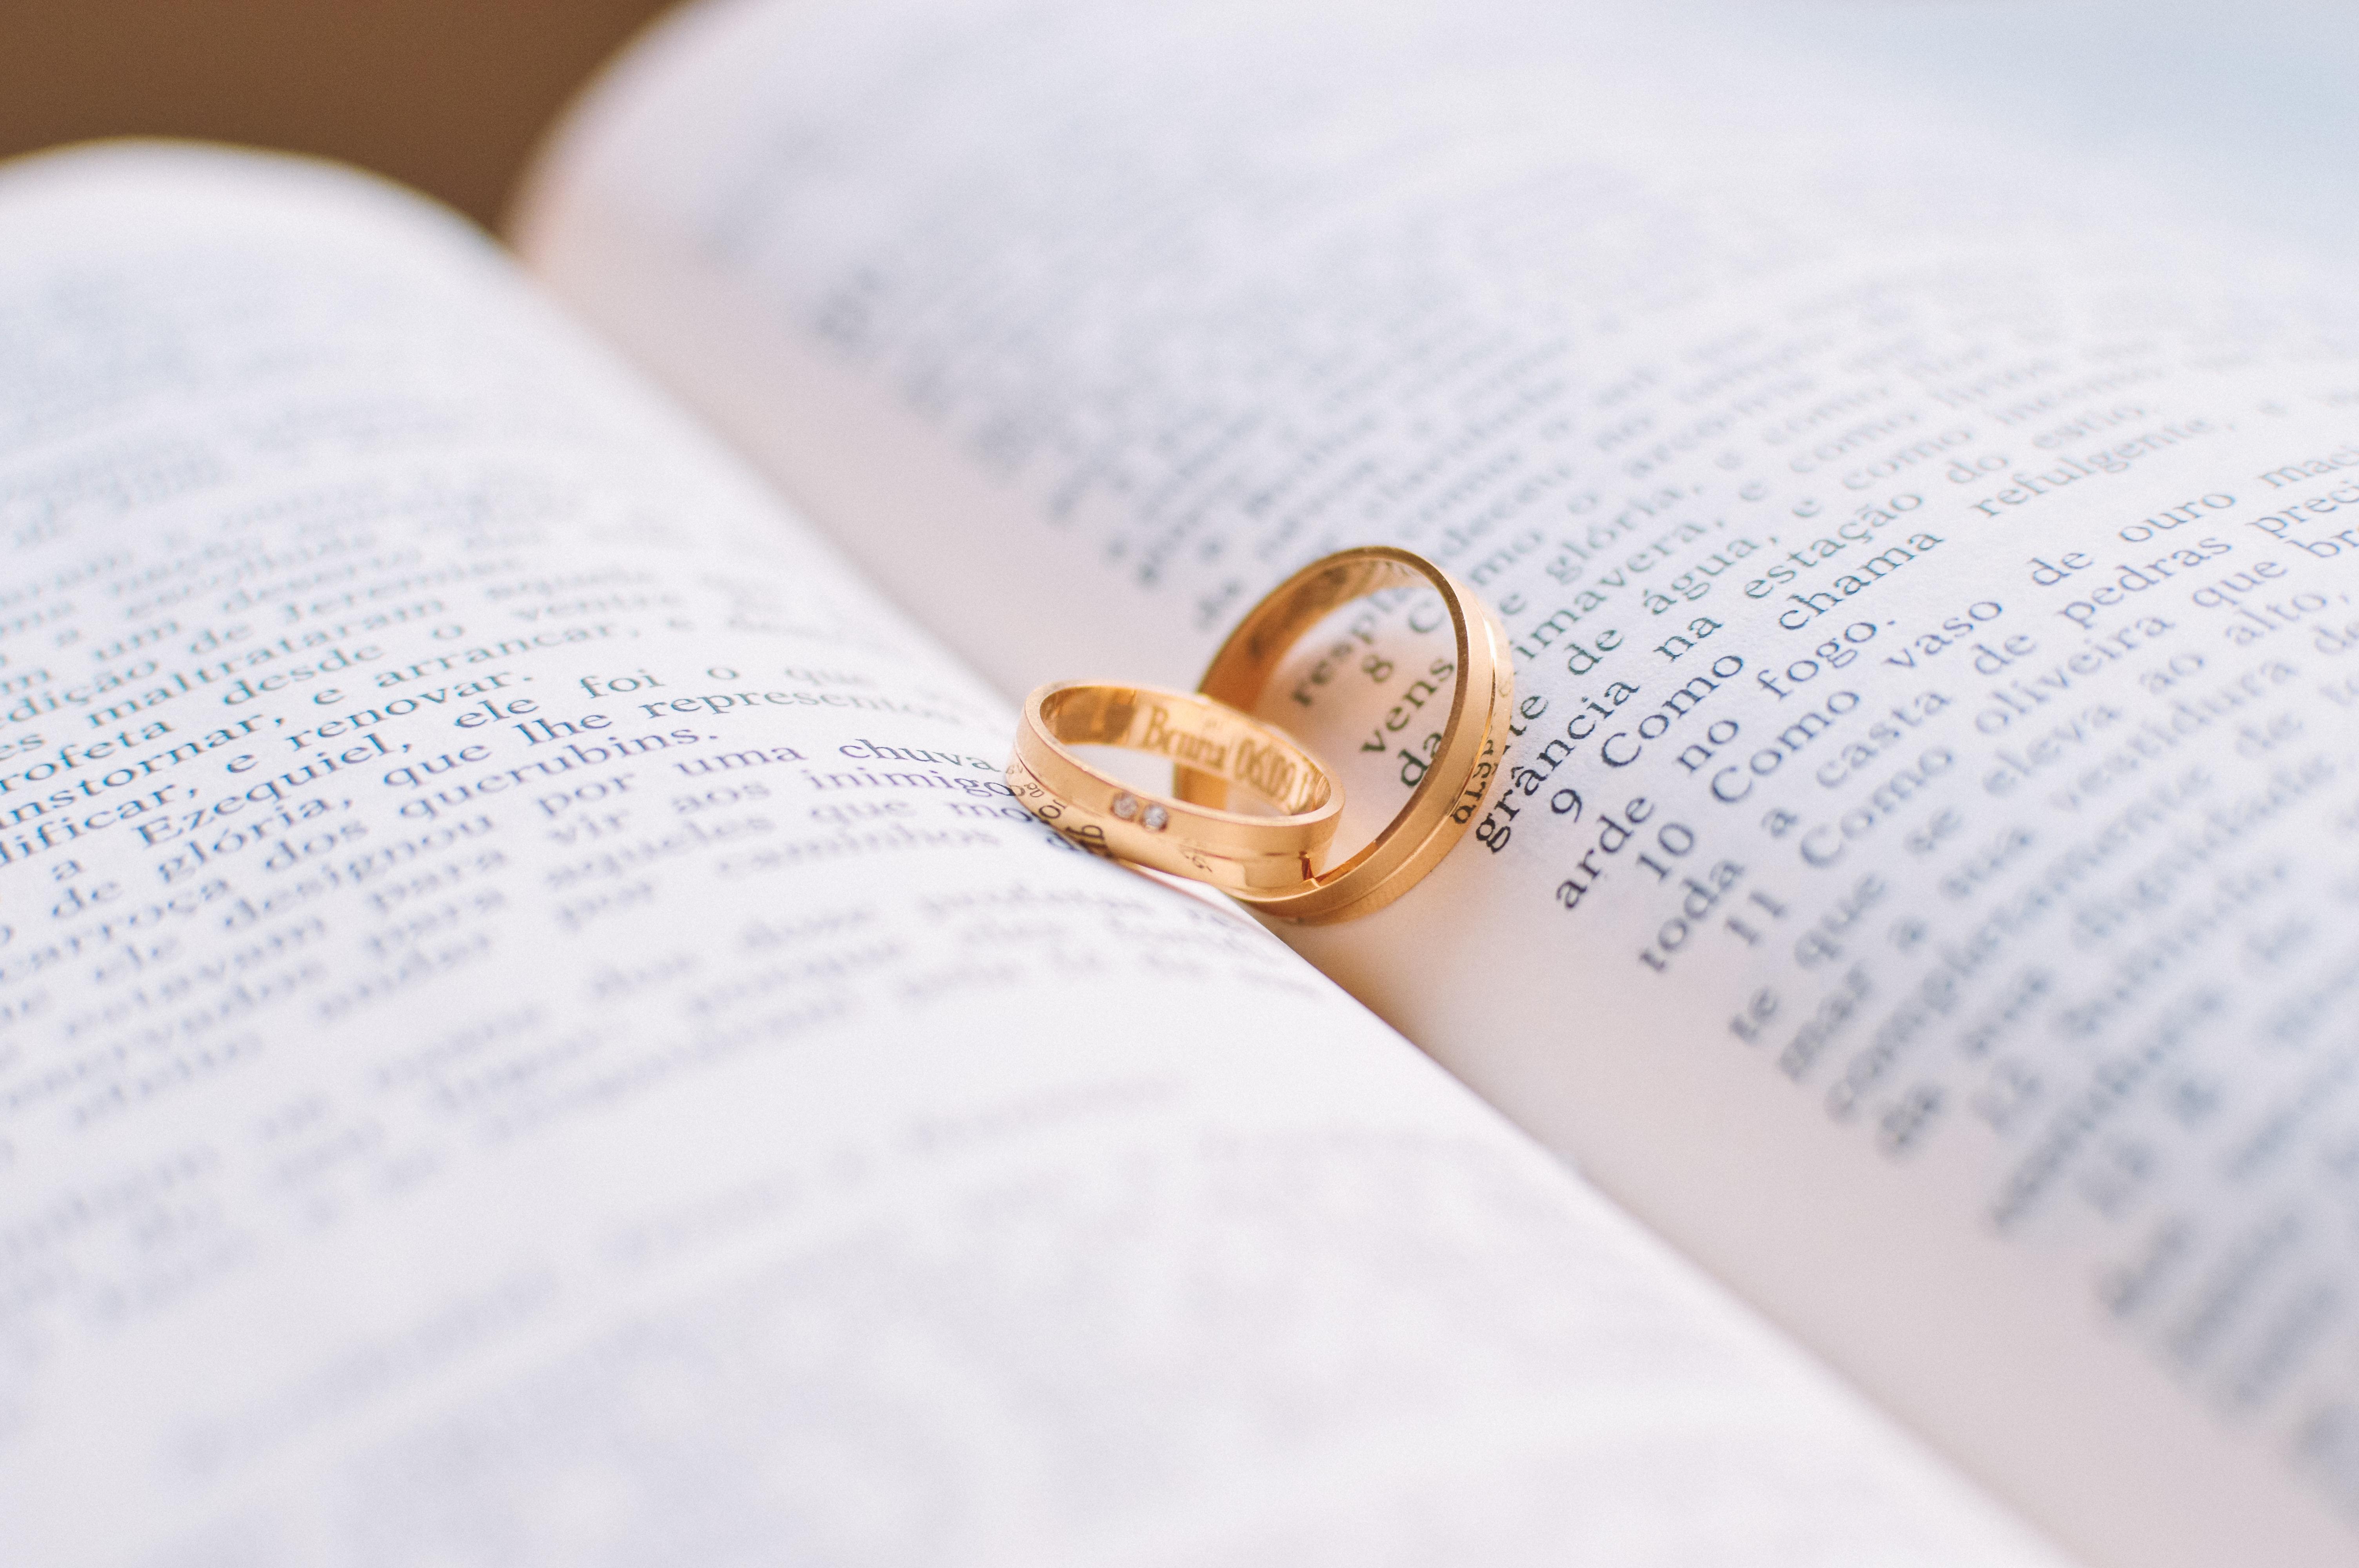 Marital status demographic questions